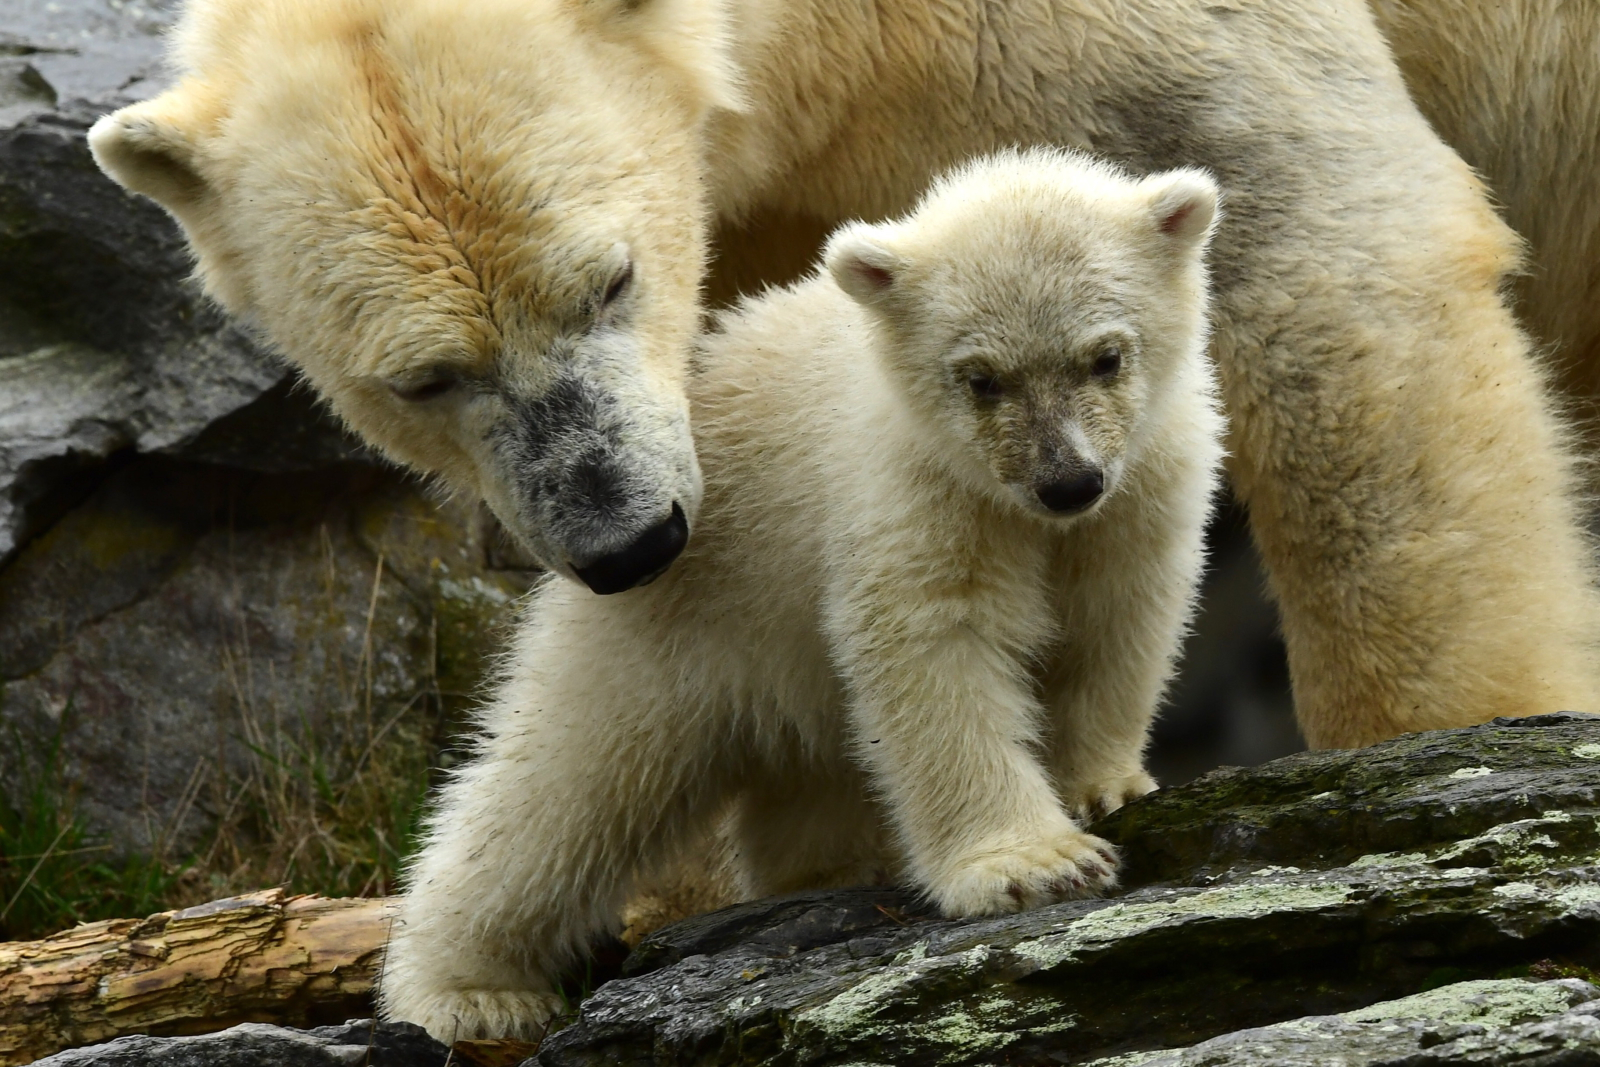 Mały miś polarny w Zoo w Berlinie  EPA/CLEMENS BILAN